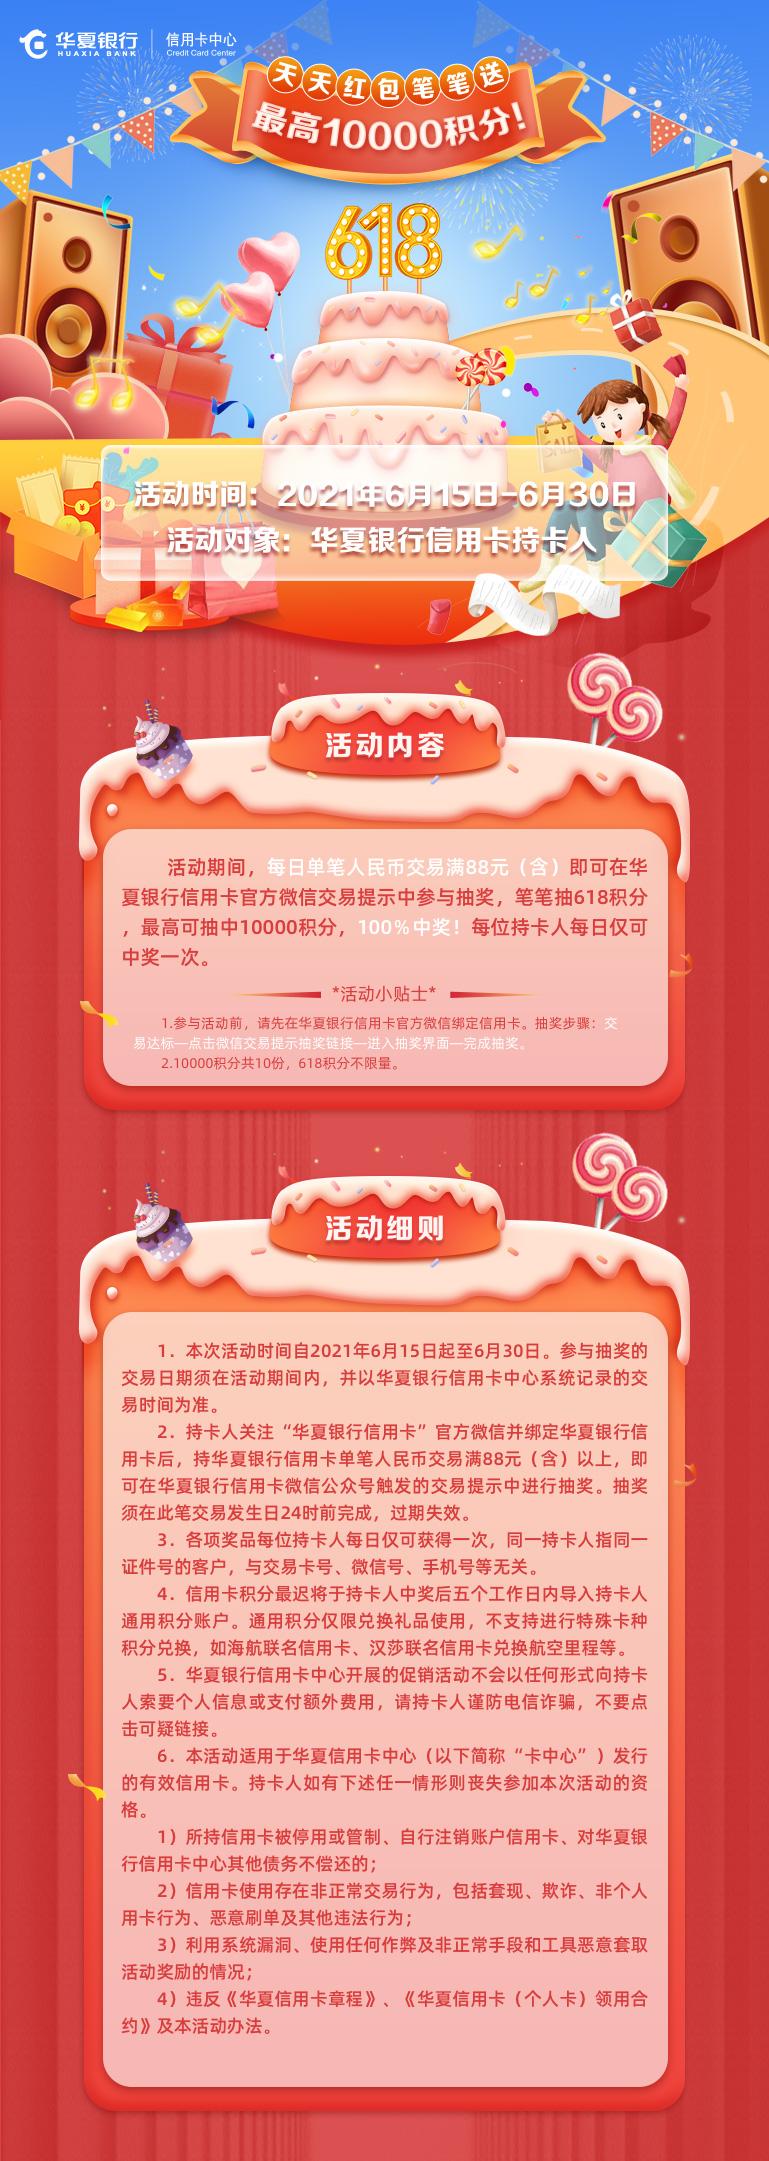 2021年6月16日华夏银行信用卡优惠活动推荐